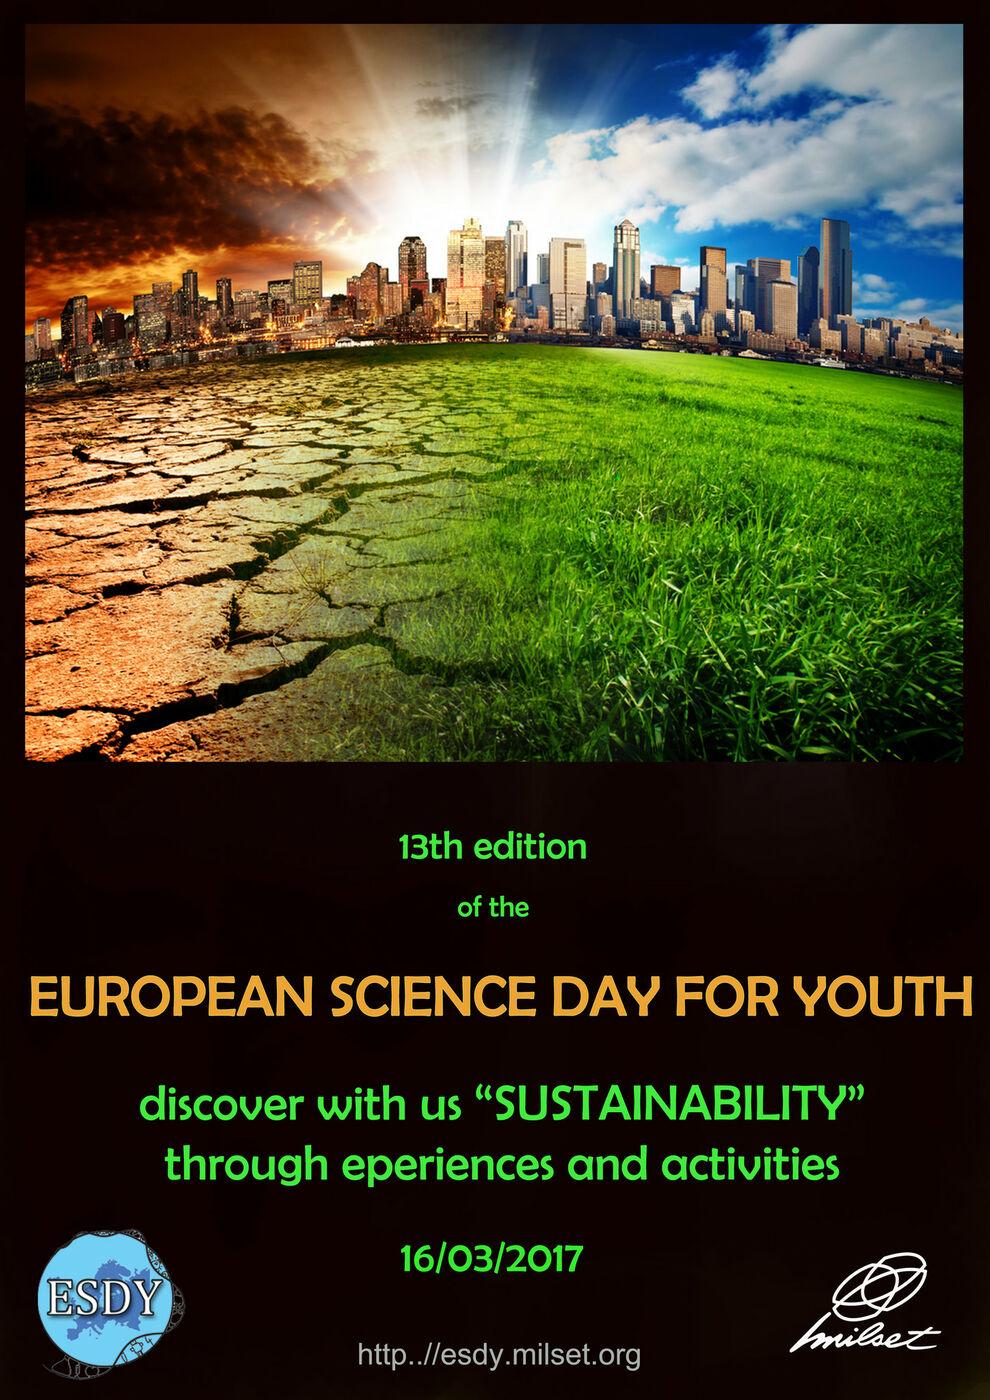 День науки для молодежи